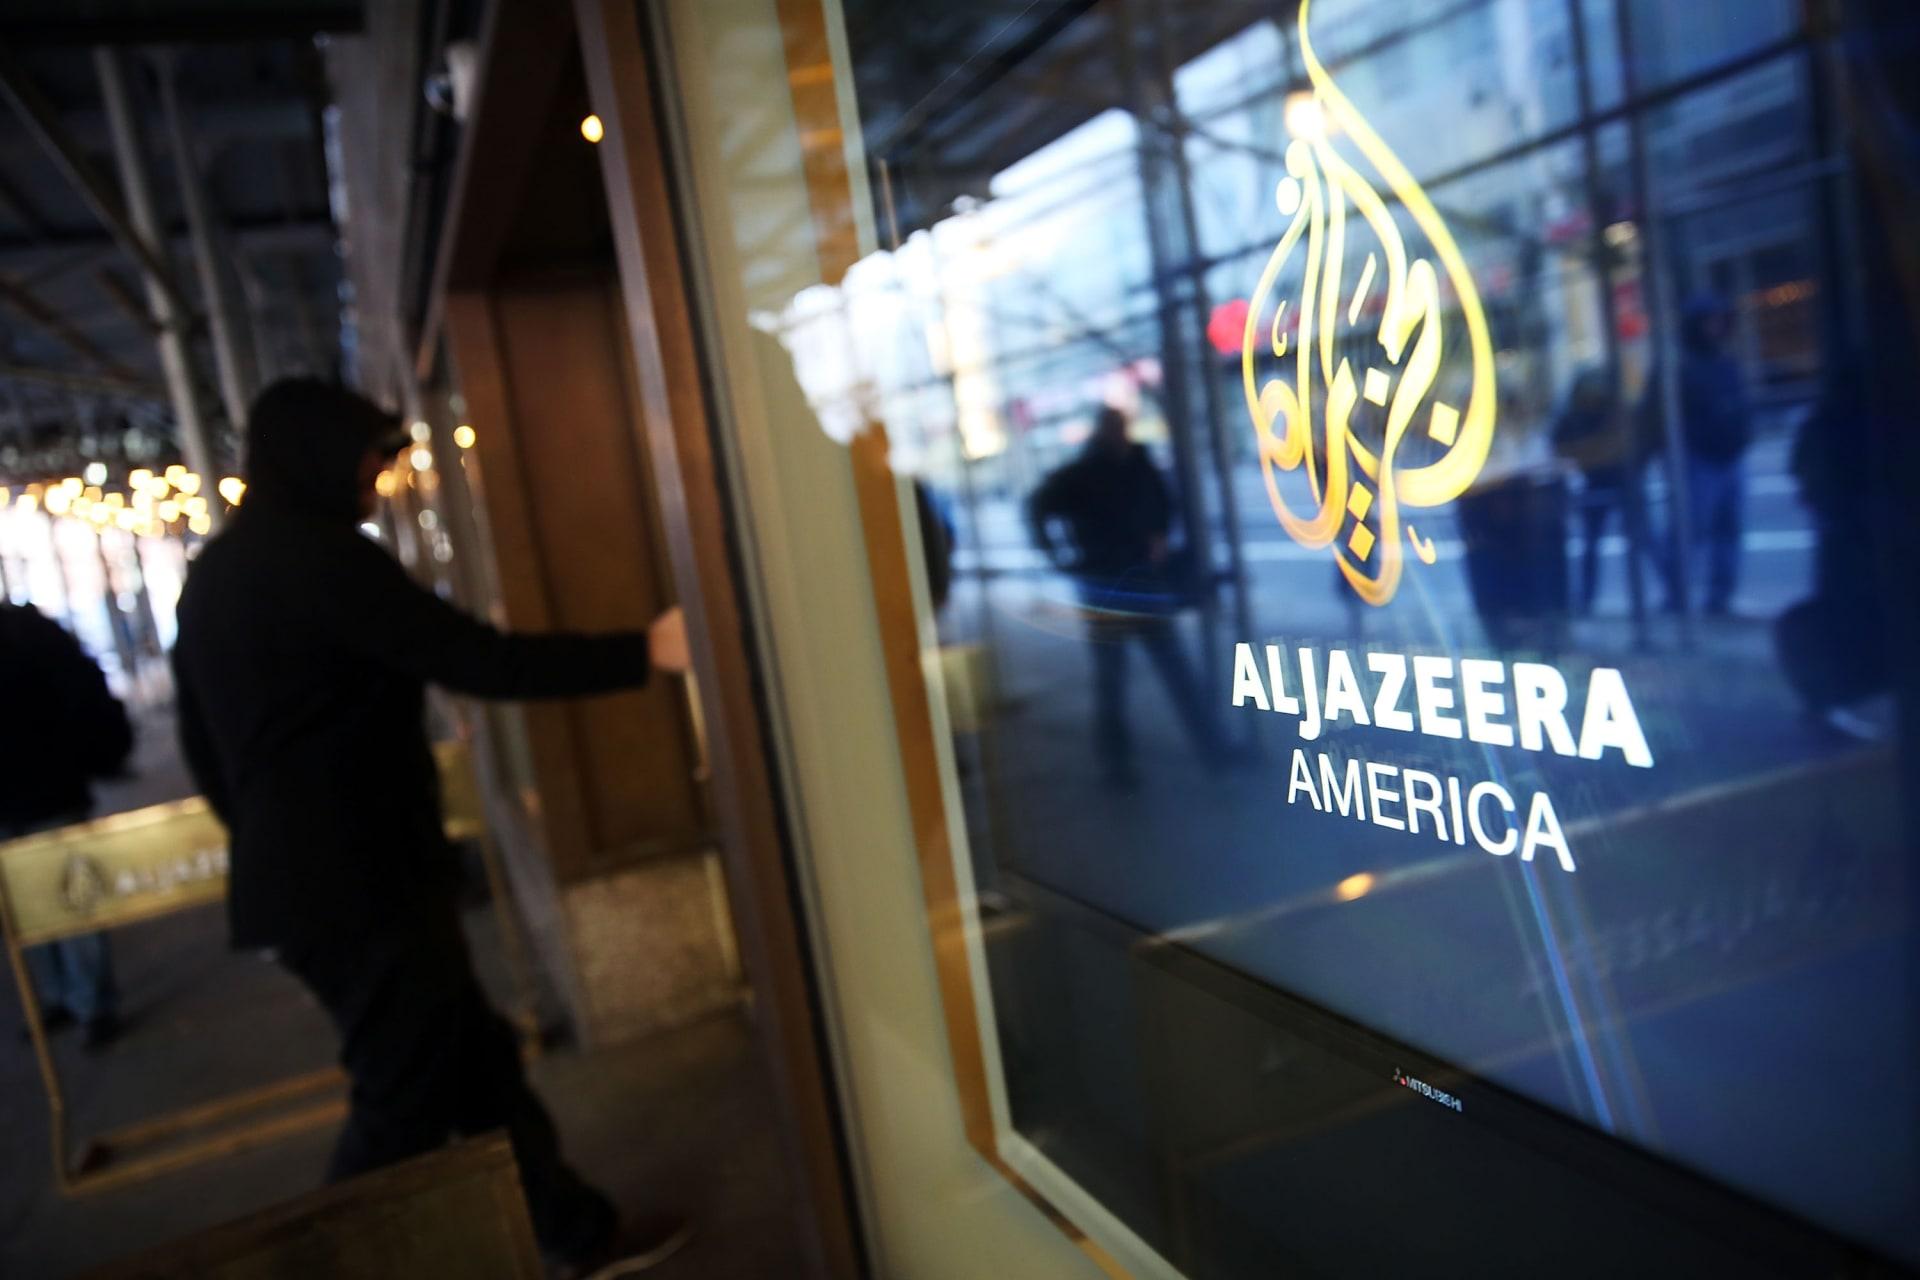 """بعد قرار إغلاقها.. هذا ما فعله صحفيو """"الجزيرة أمريكا"""" بحثا عن العمل"""